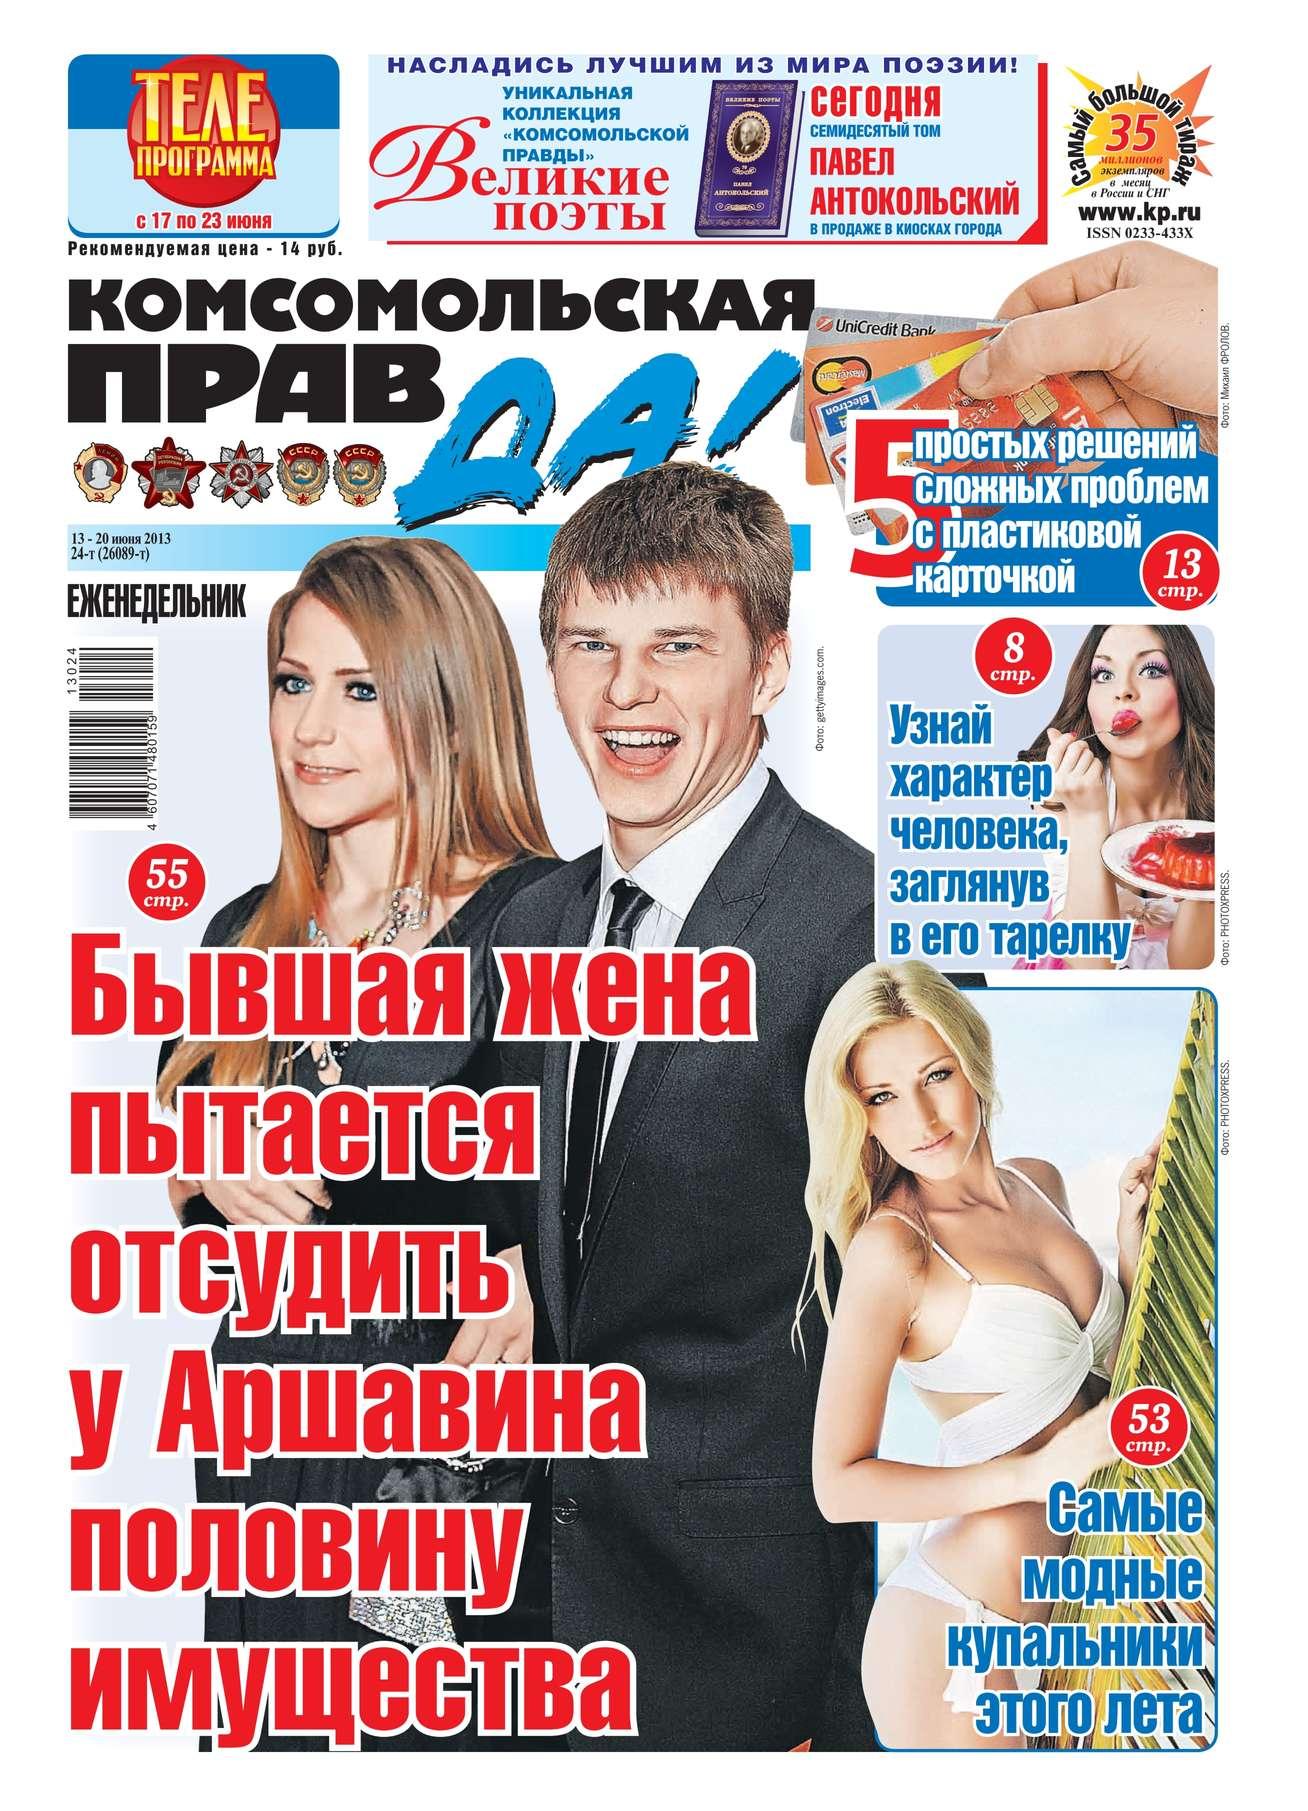 Комсомольская правда 24т-2013